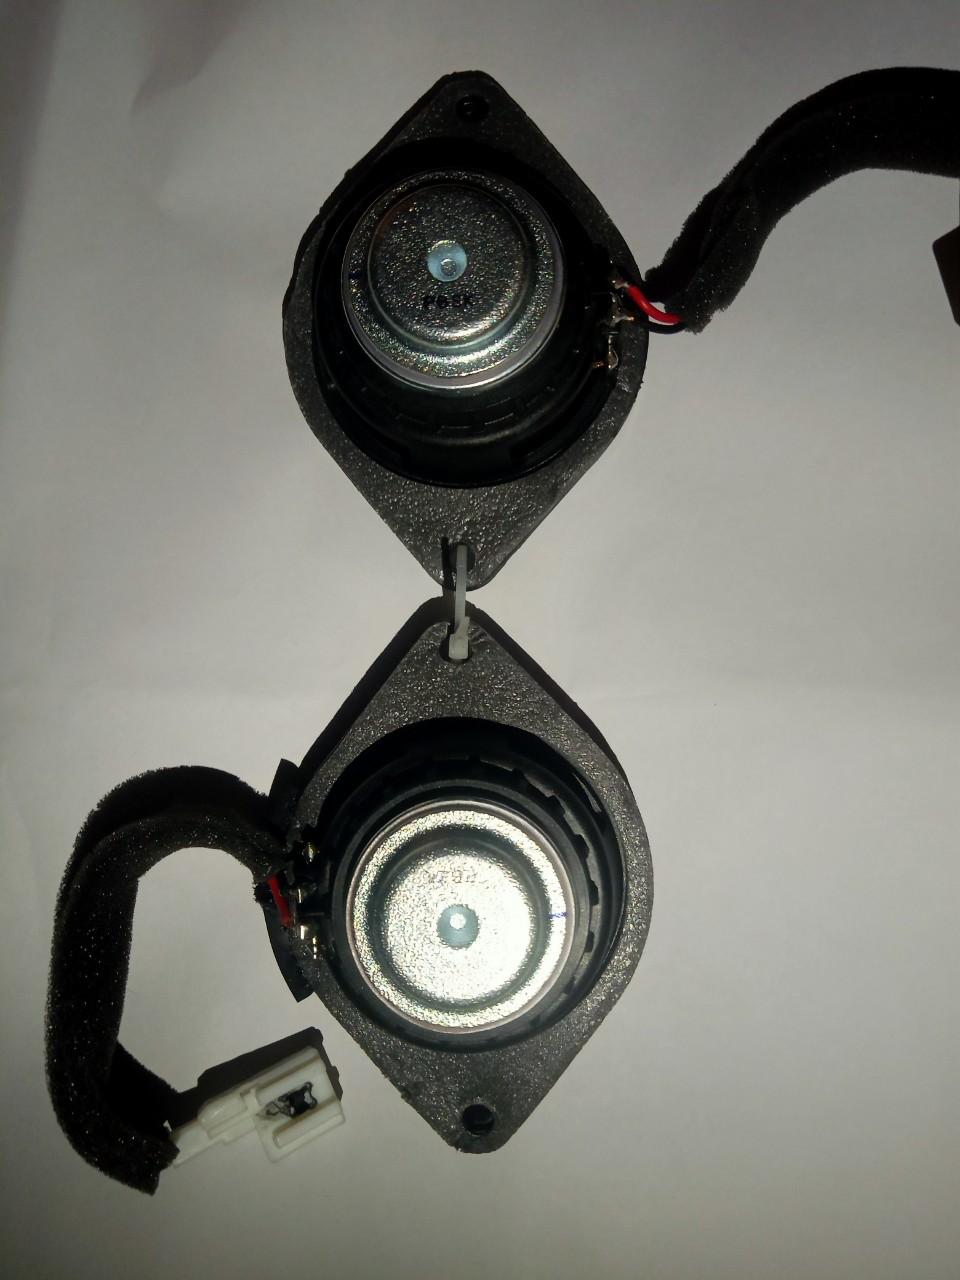 Offer Ưu Đãi Loa Neo 7cm /1 Cặp Hàng Xe Hơi